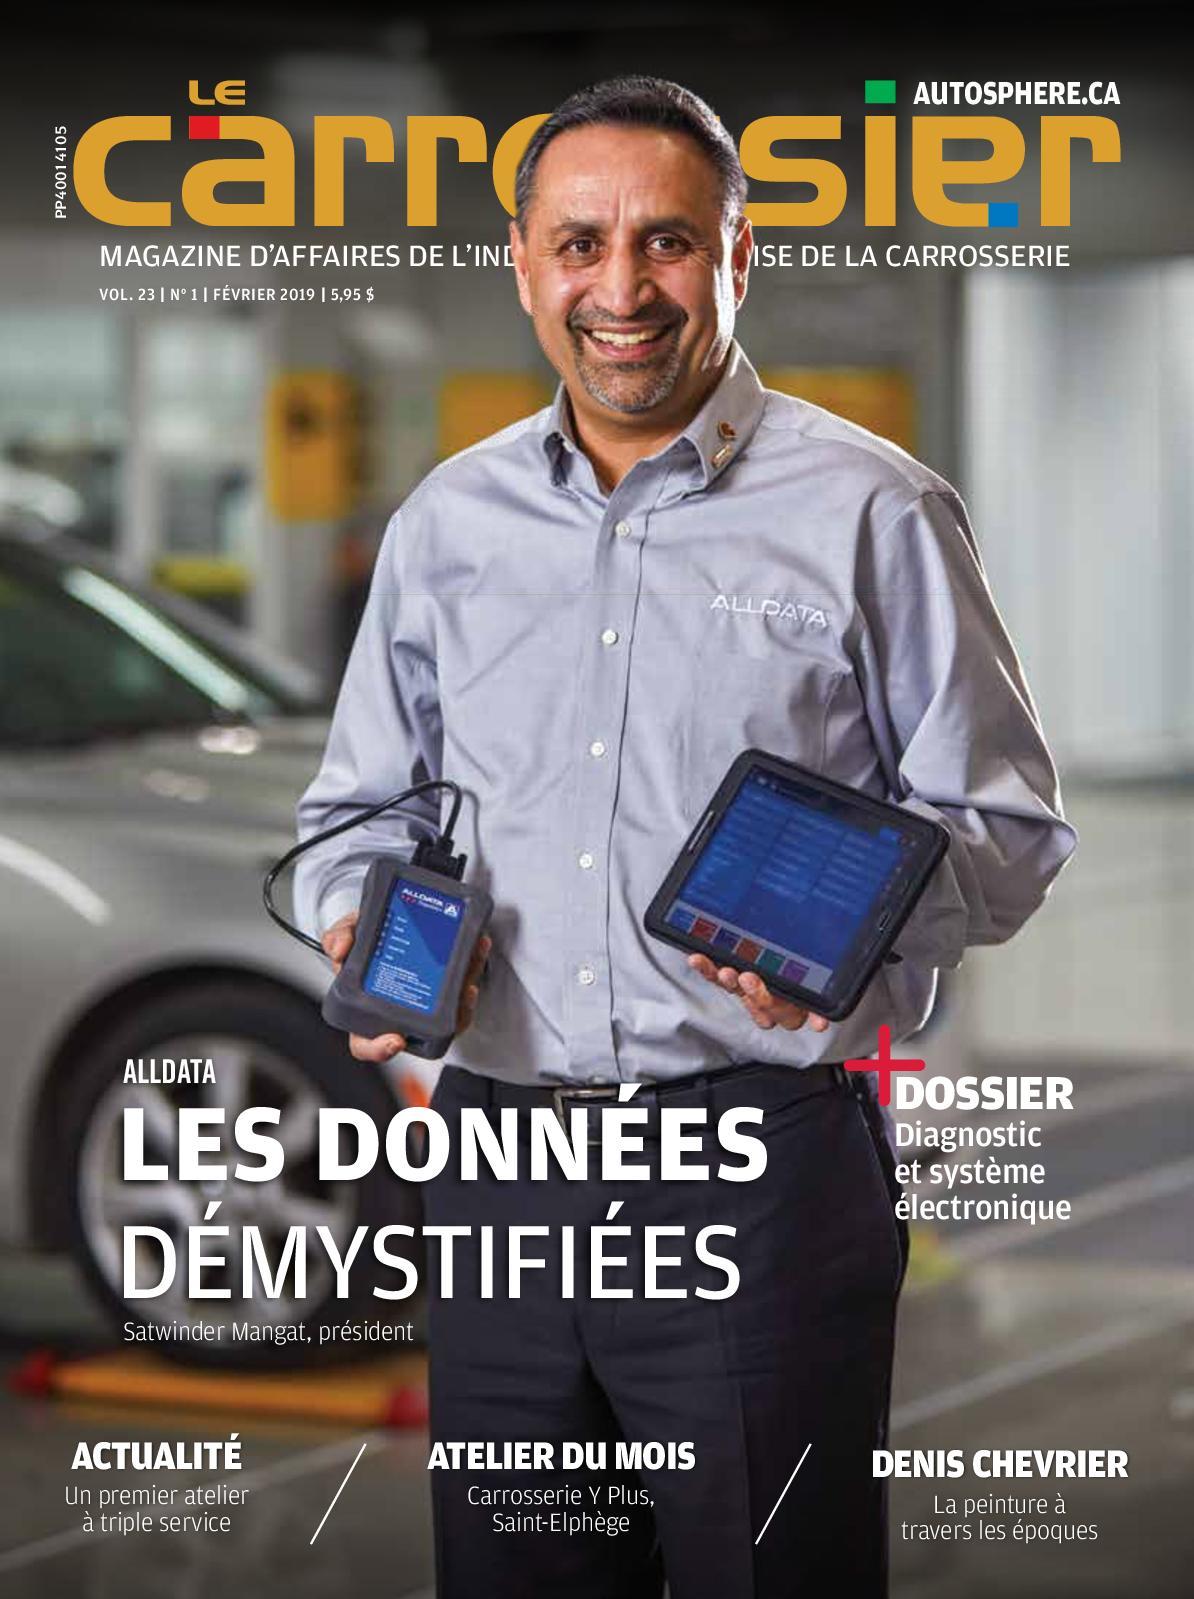 Carrosserie: le poids et l'impact des agréments enfin quantifiés! | gestinfo.fr